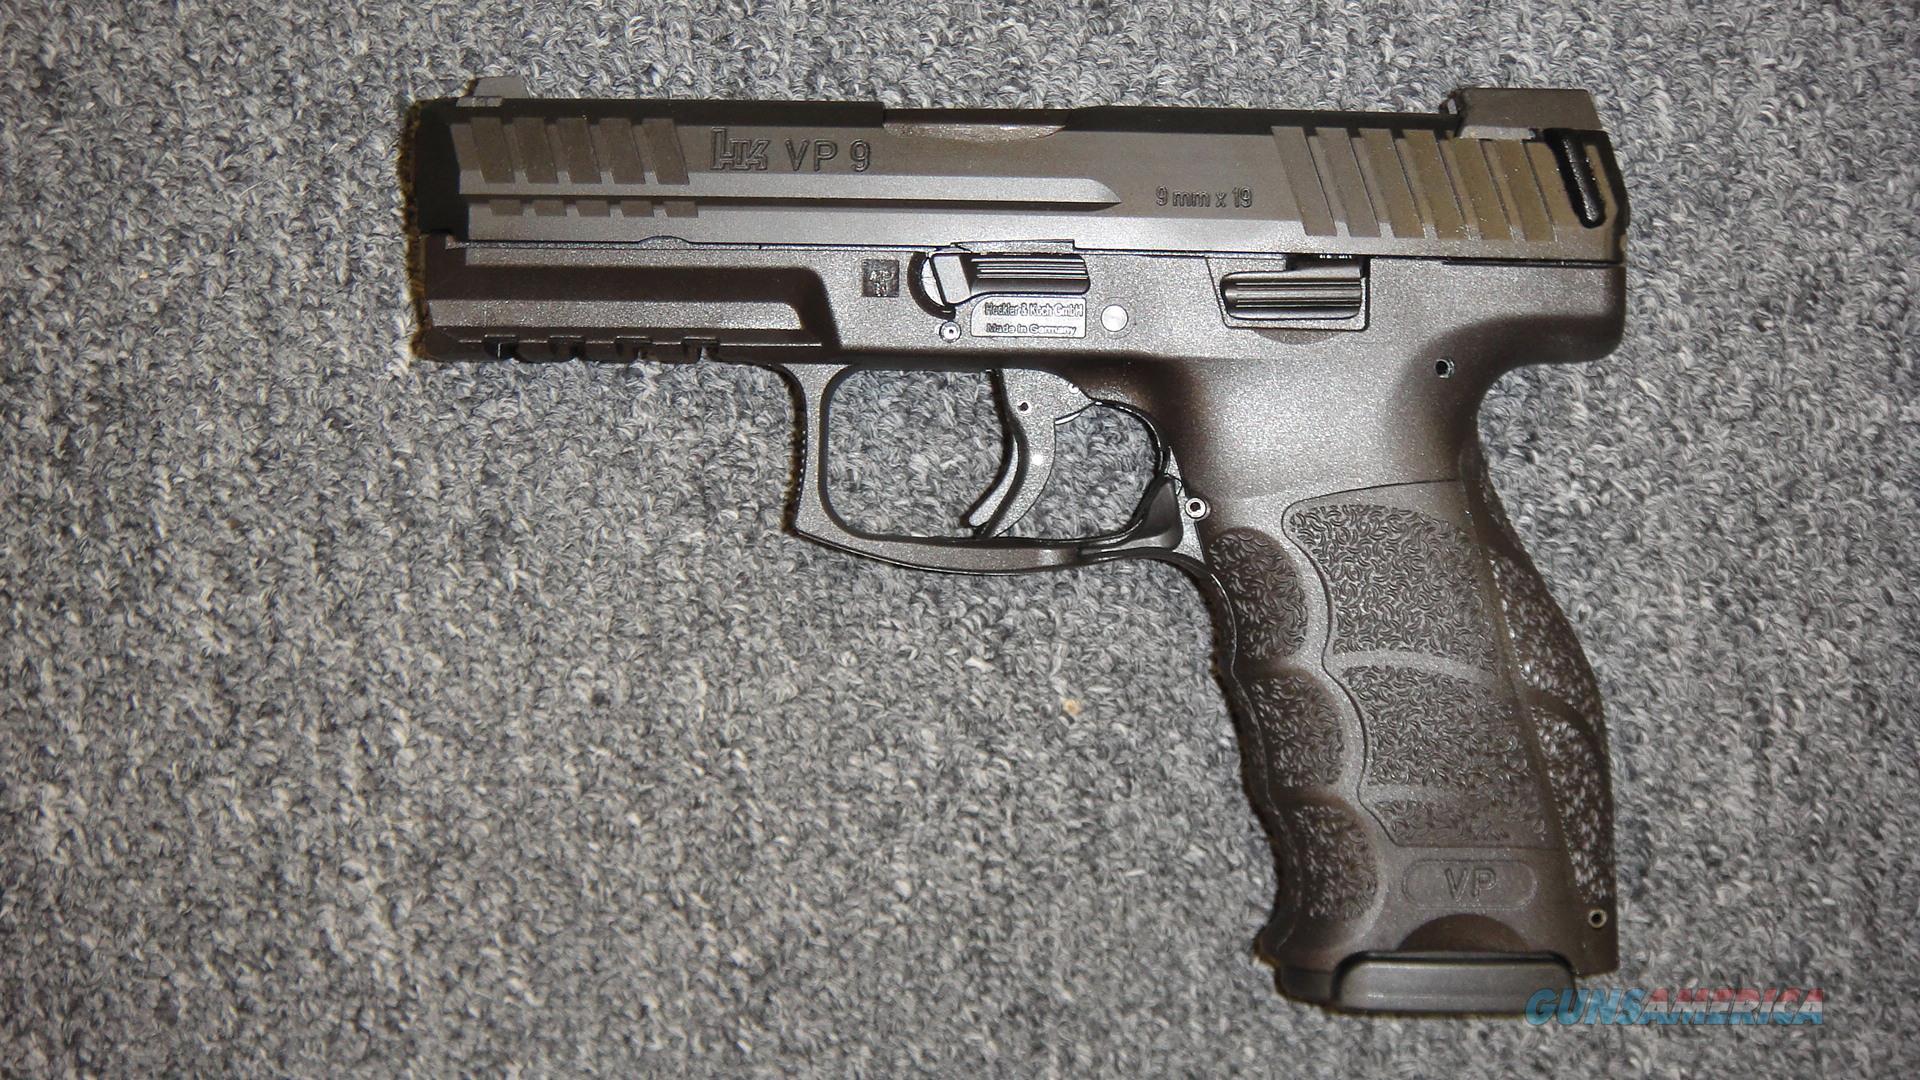 Heckler & Koch VP9 w/ night sights  Guns > Pistols > Heckler & Koch Pistols > Polymer Frame